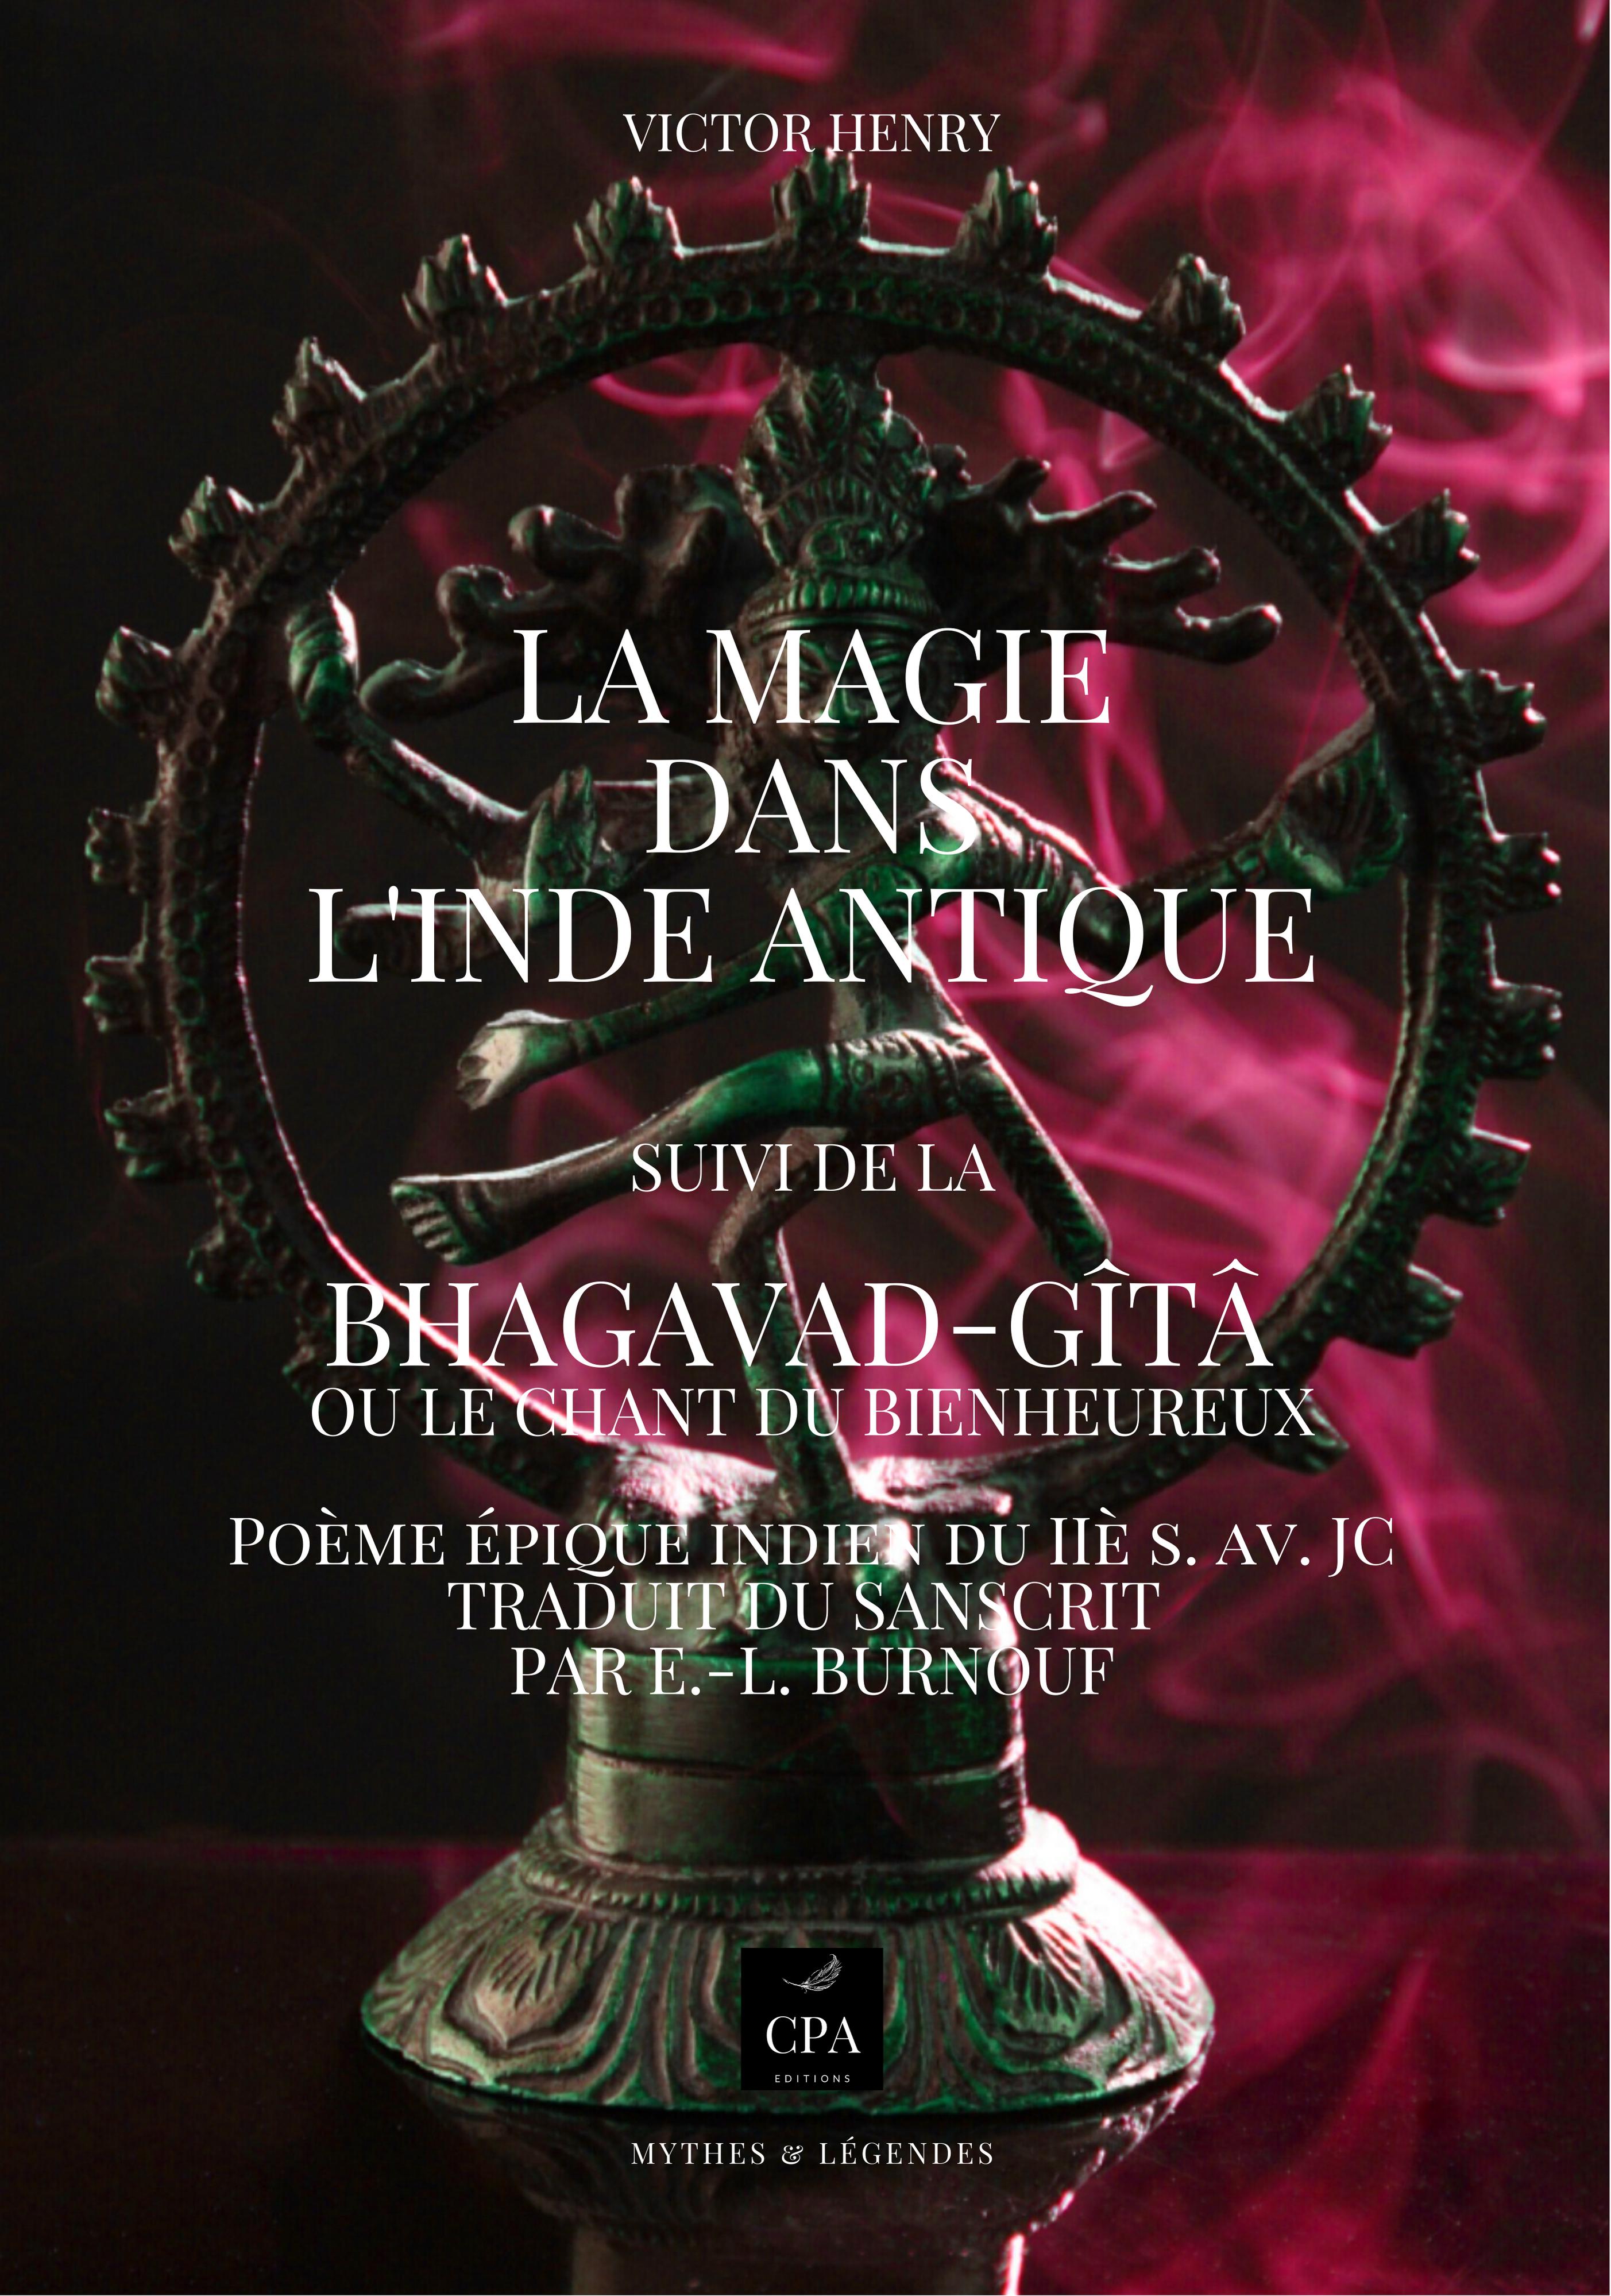 LA MAGIE DANS L'INDE ANTIQUE, LE BHAGVAD-GITÂ